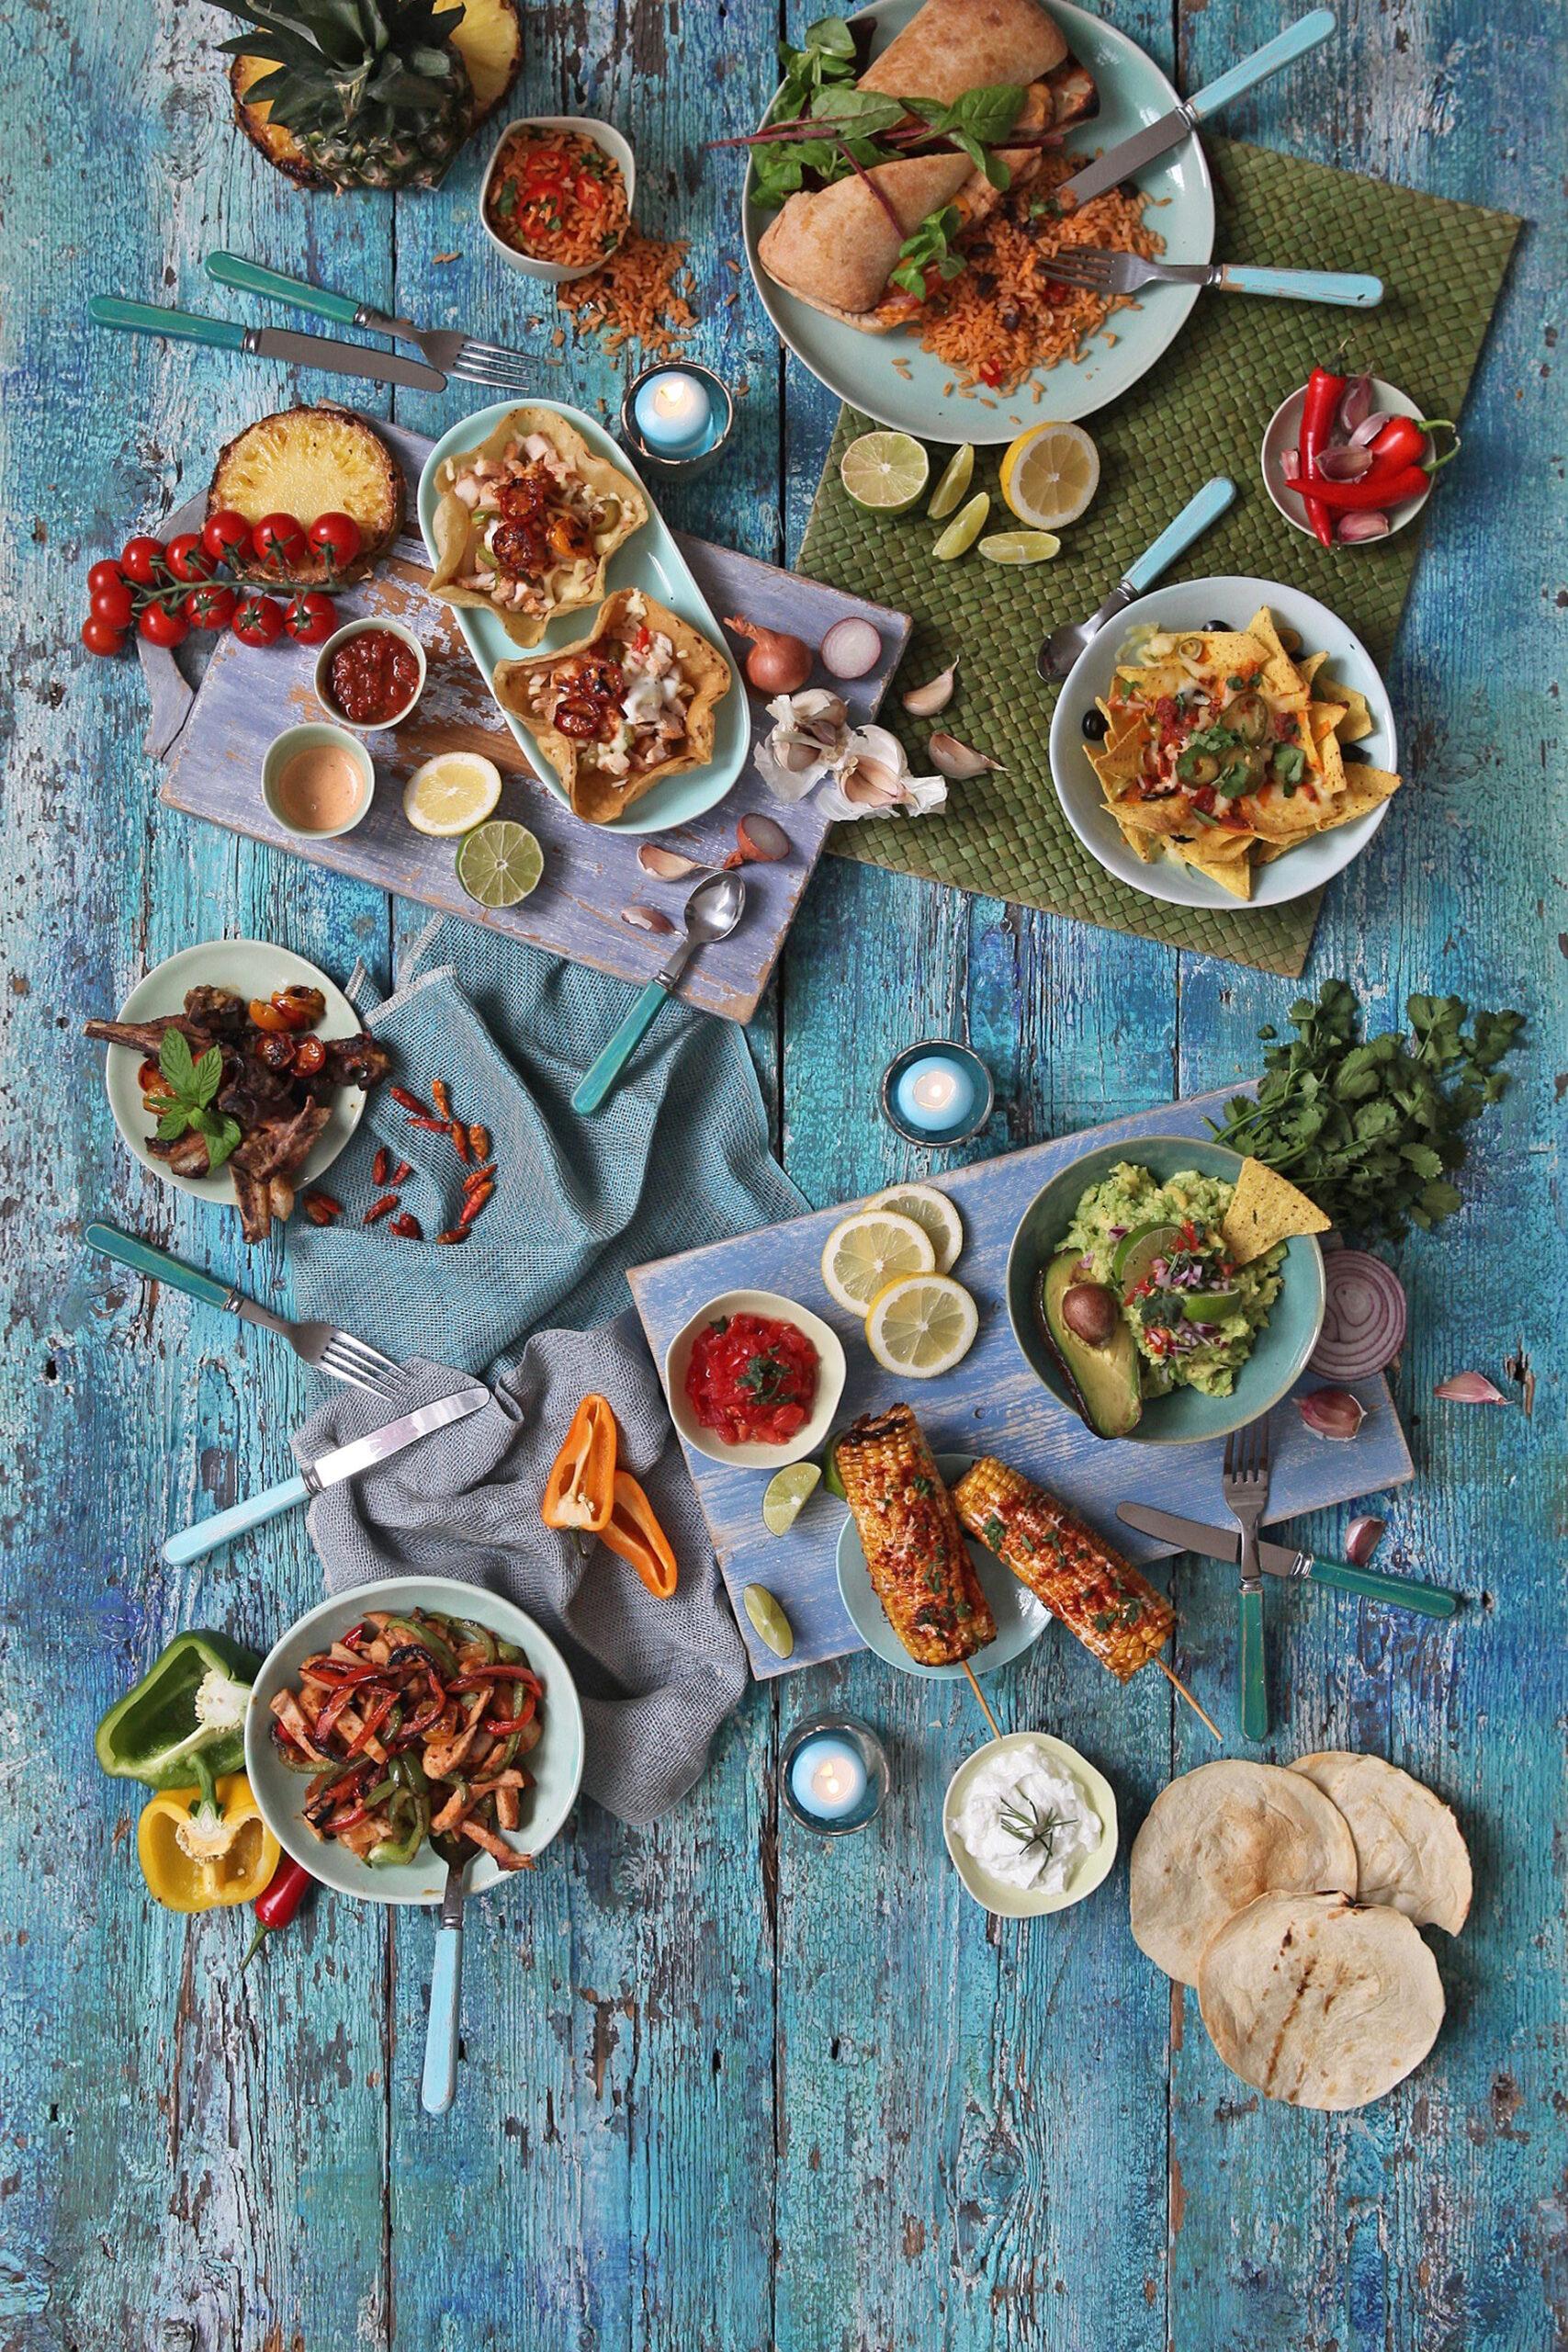 MEXICAN FOOD FLATLAY